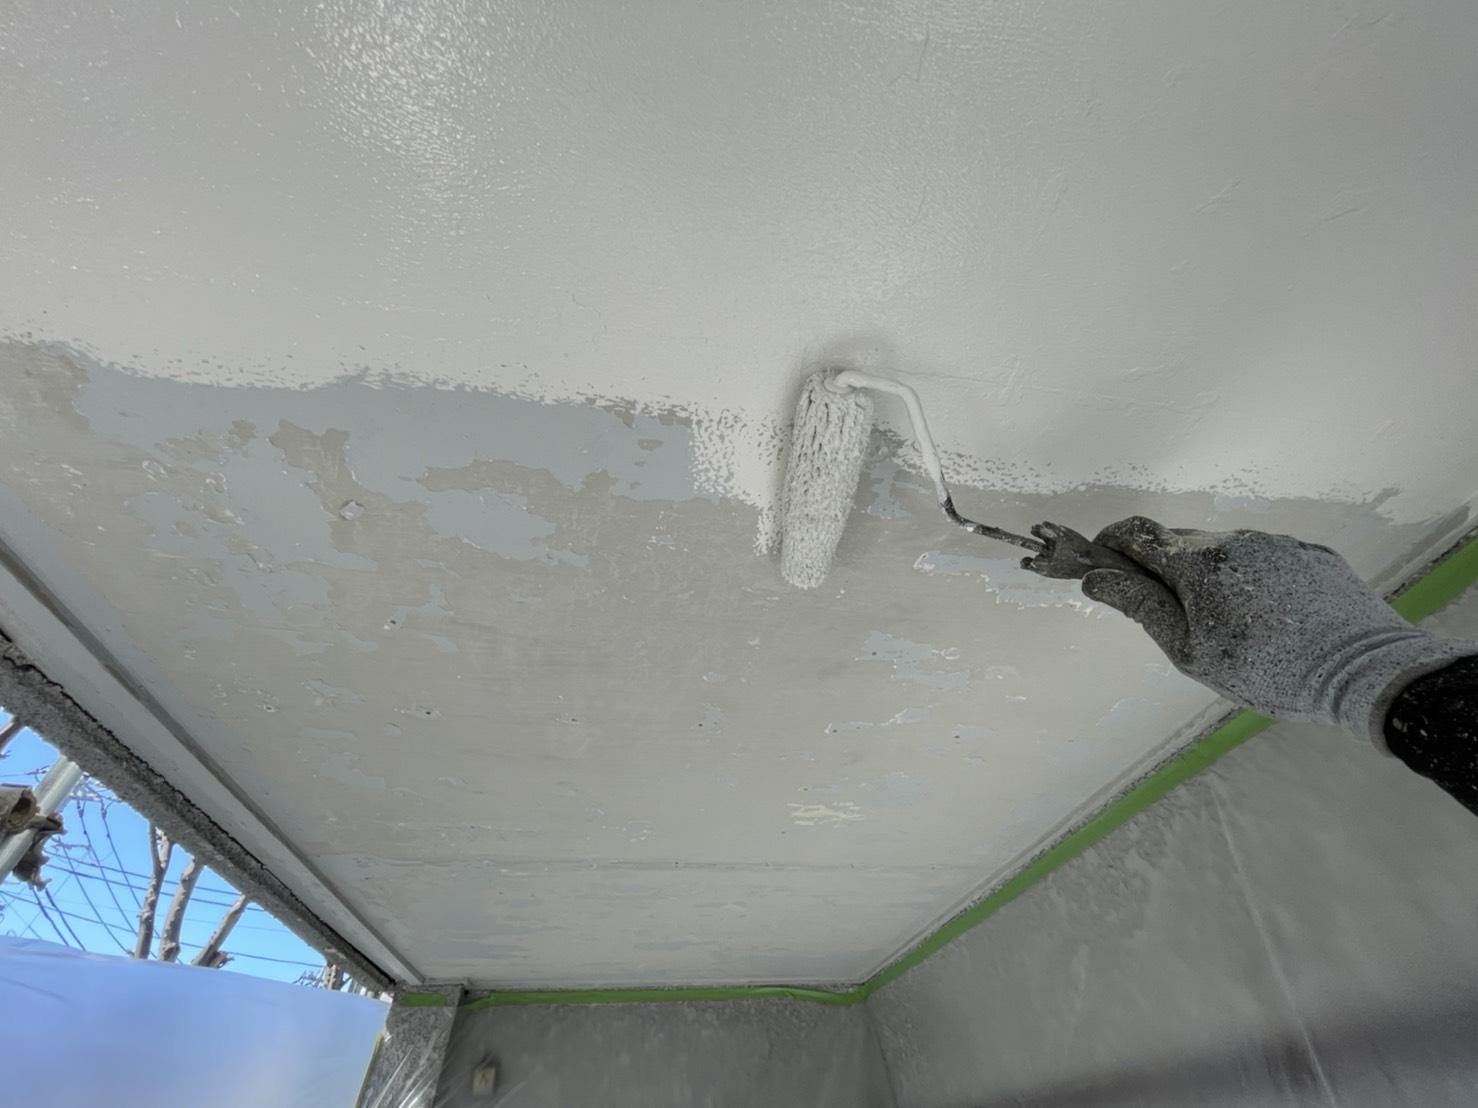 外壁塗装や屋根塗装のご依頼を受け付け中です!